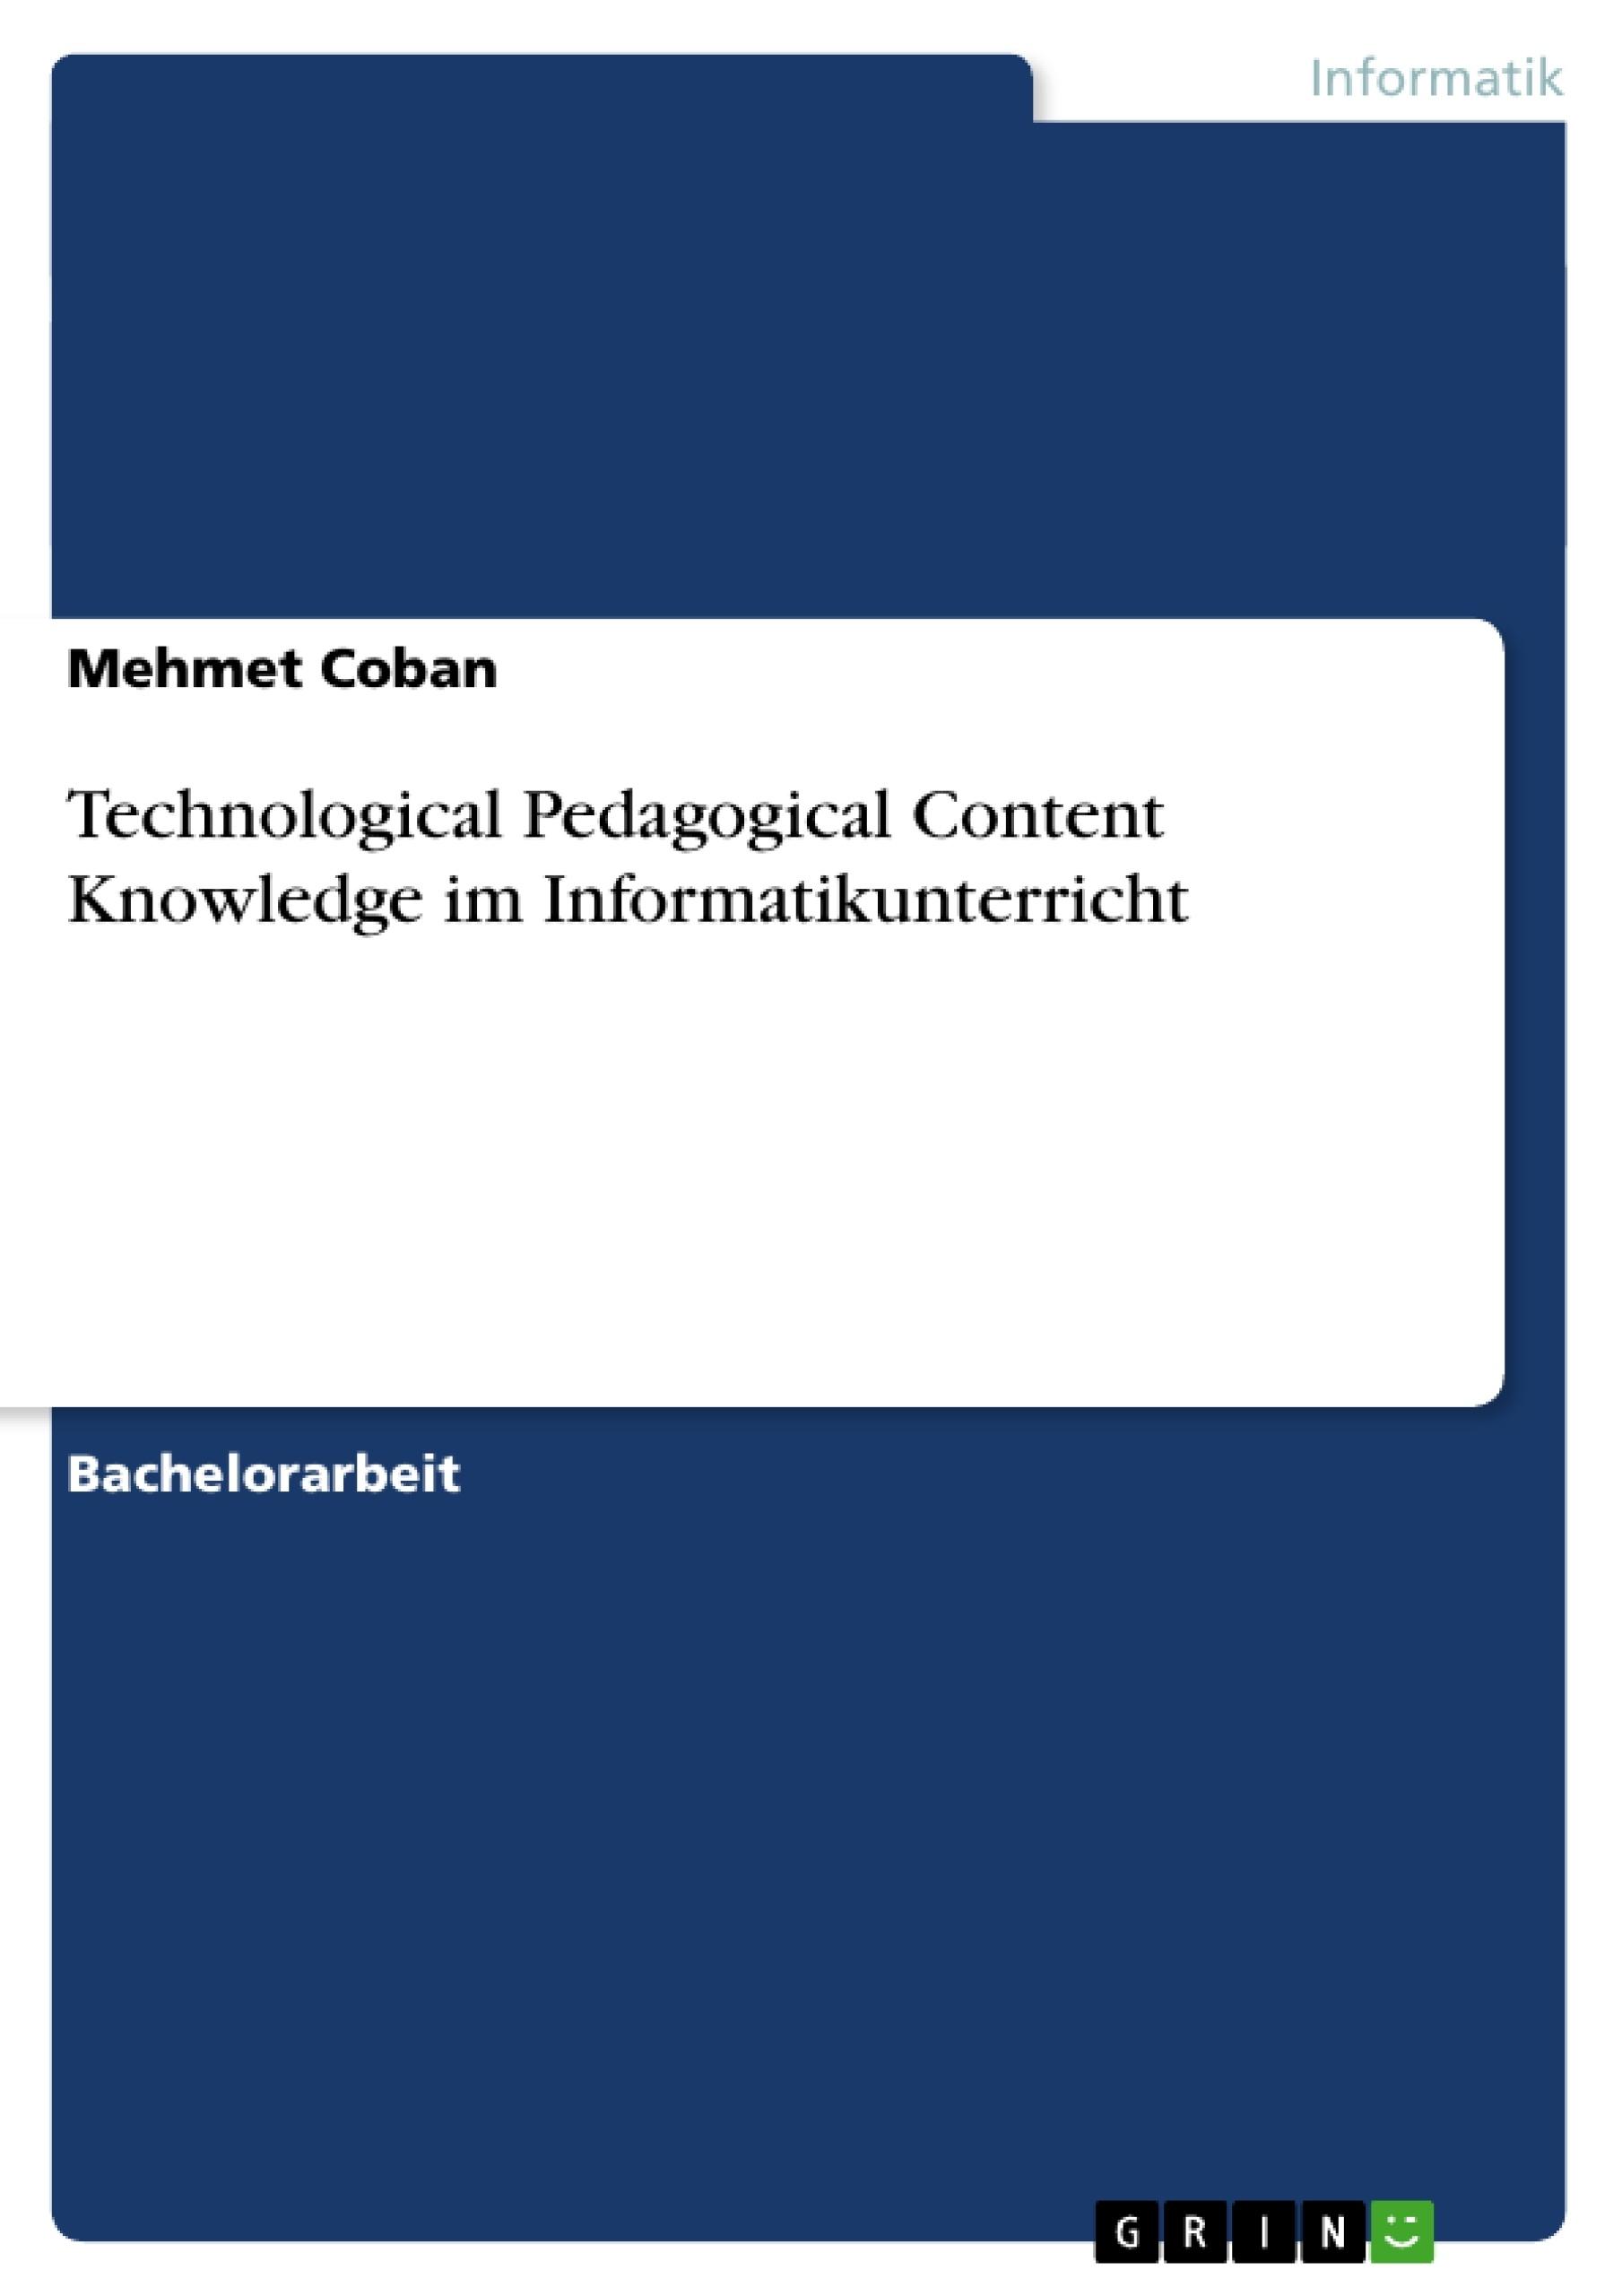 Titel: Technological Pedagogical Content Knowledge im Informatikunterricht